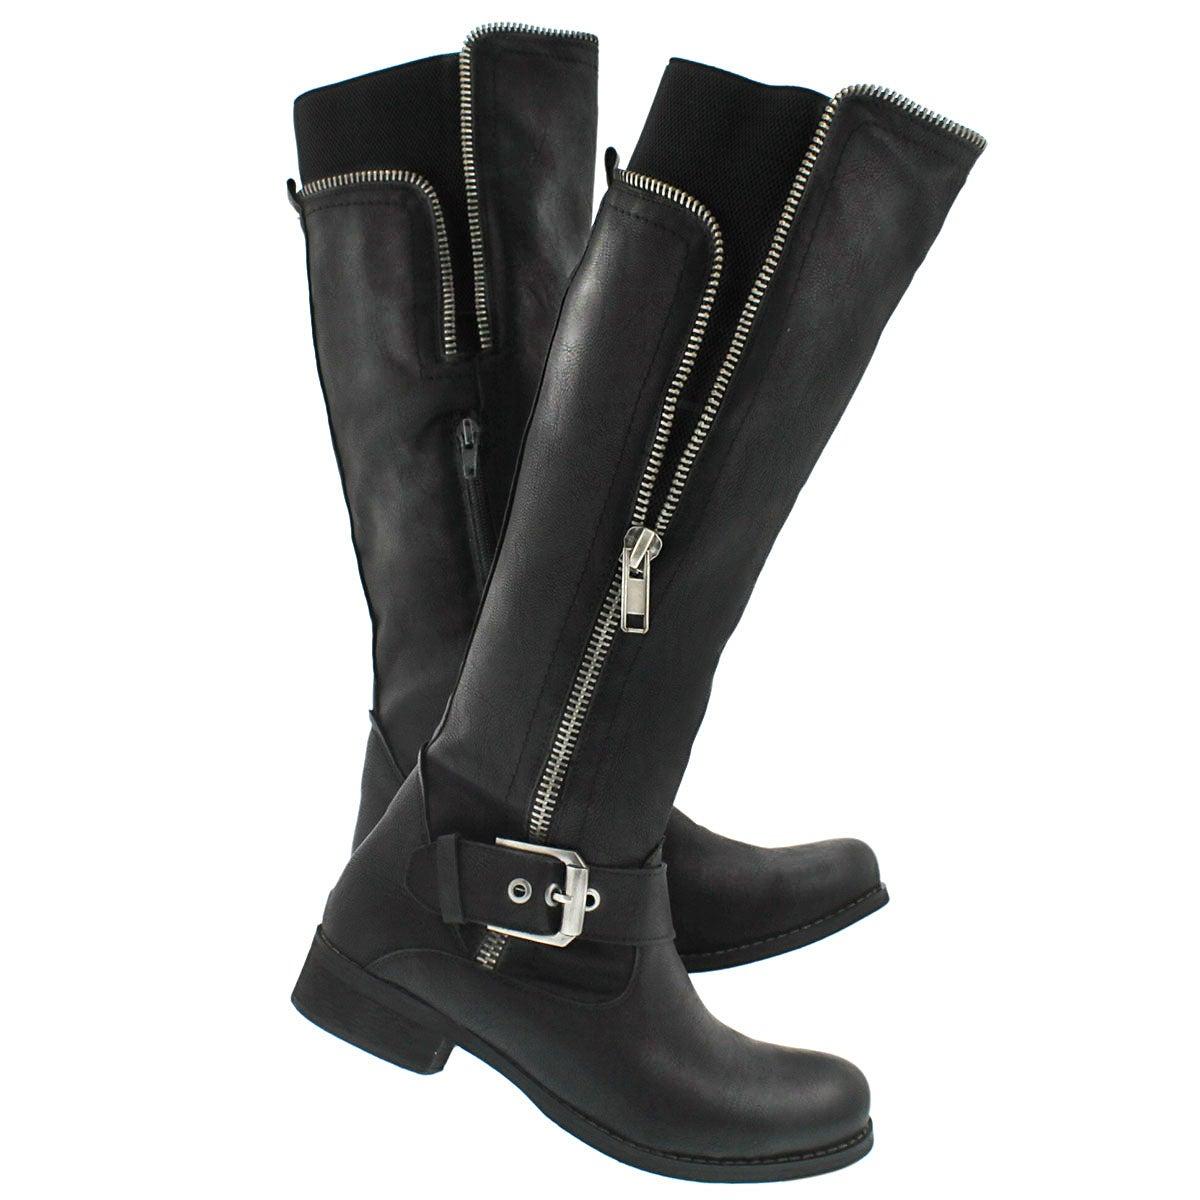 Lds Birgitta blk riding boot